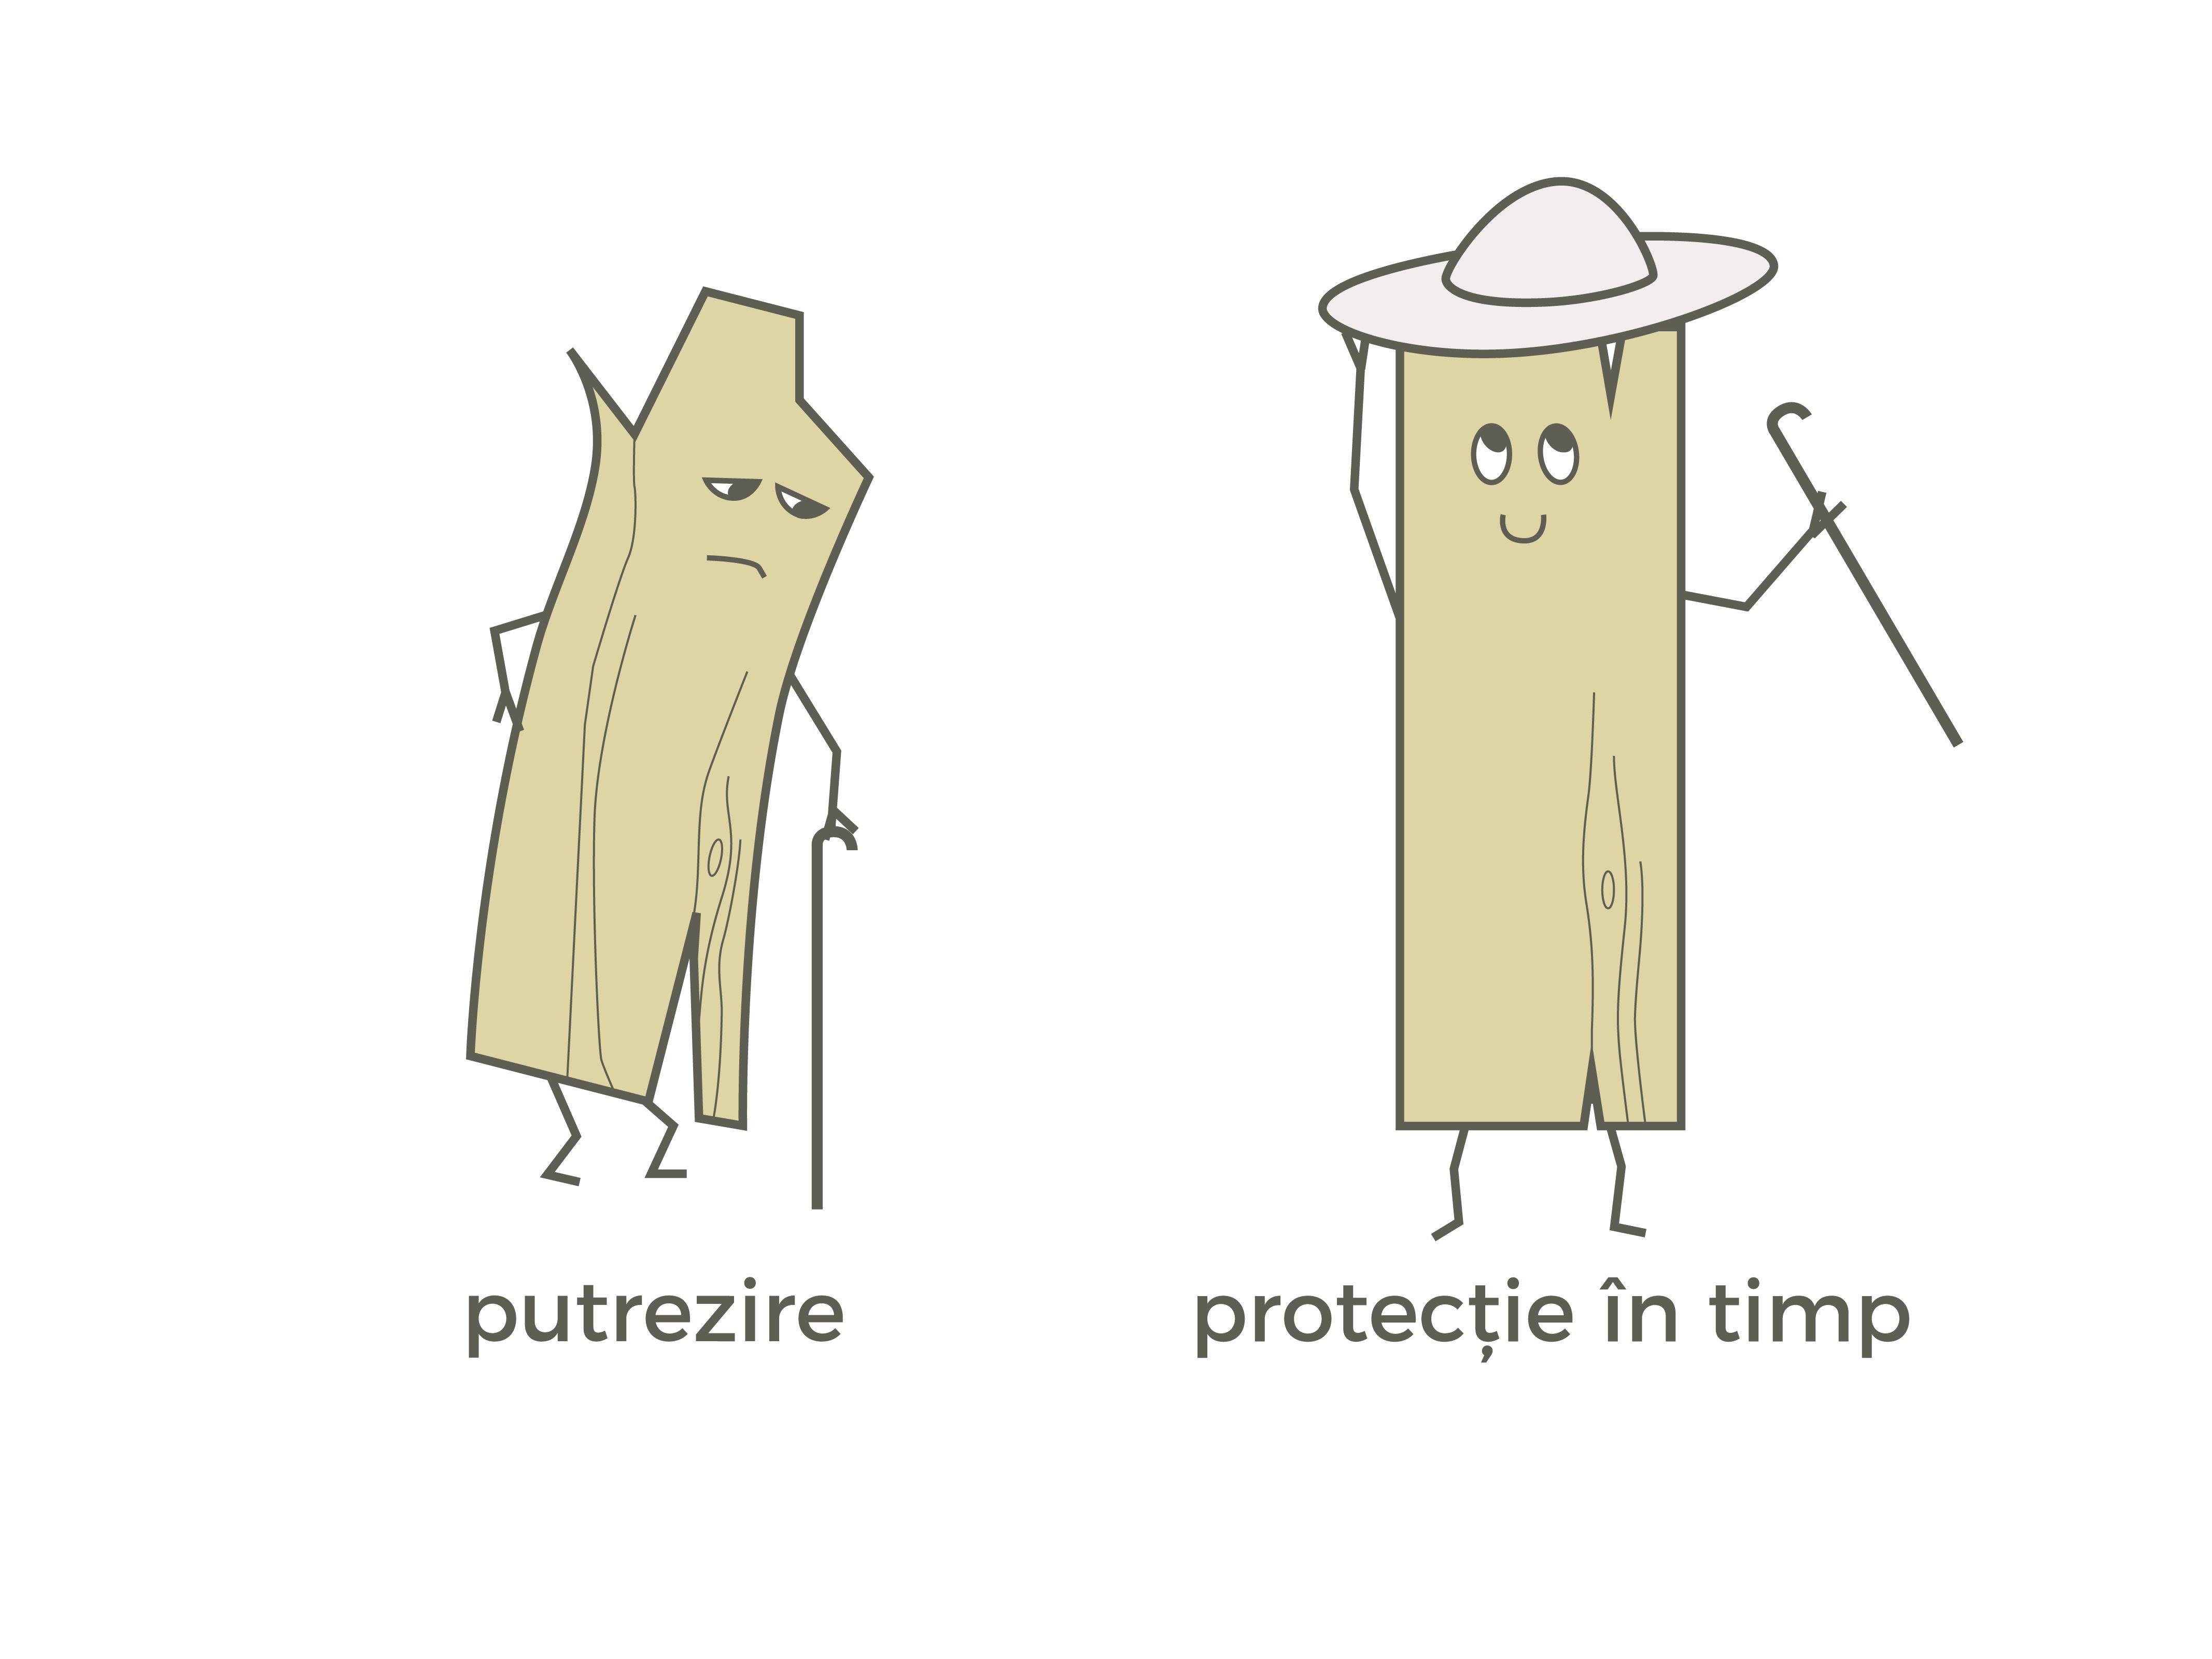 tratare anti putrezire, case de lemn, casabuhnici